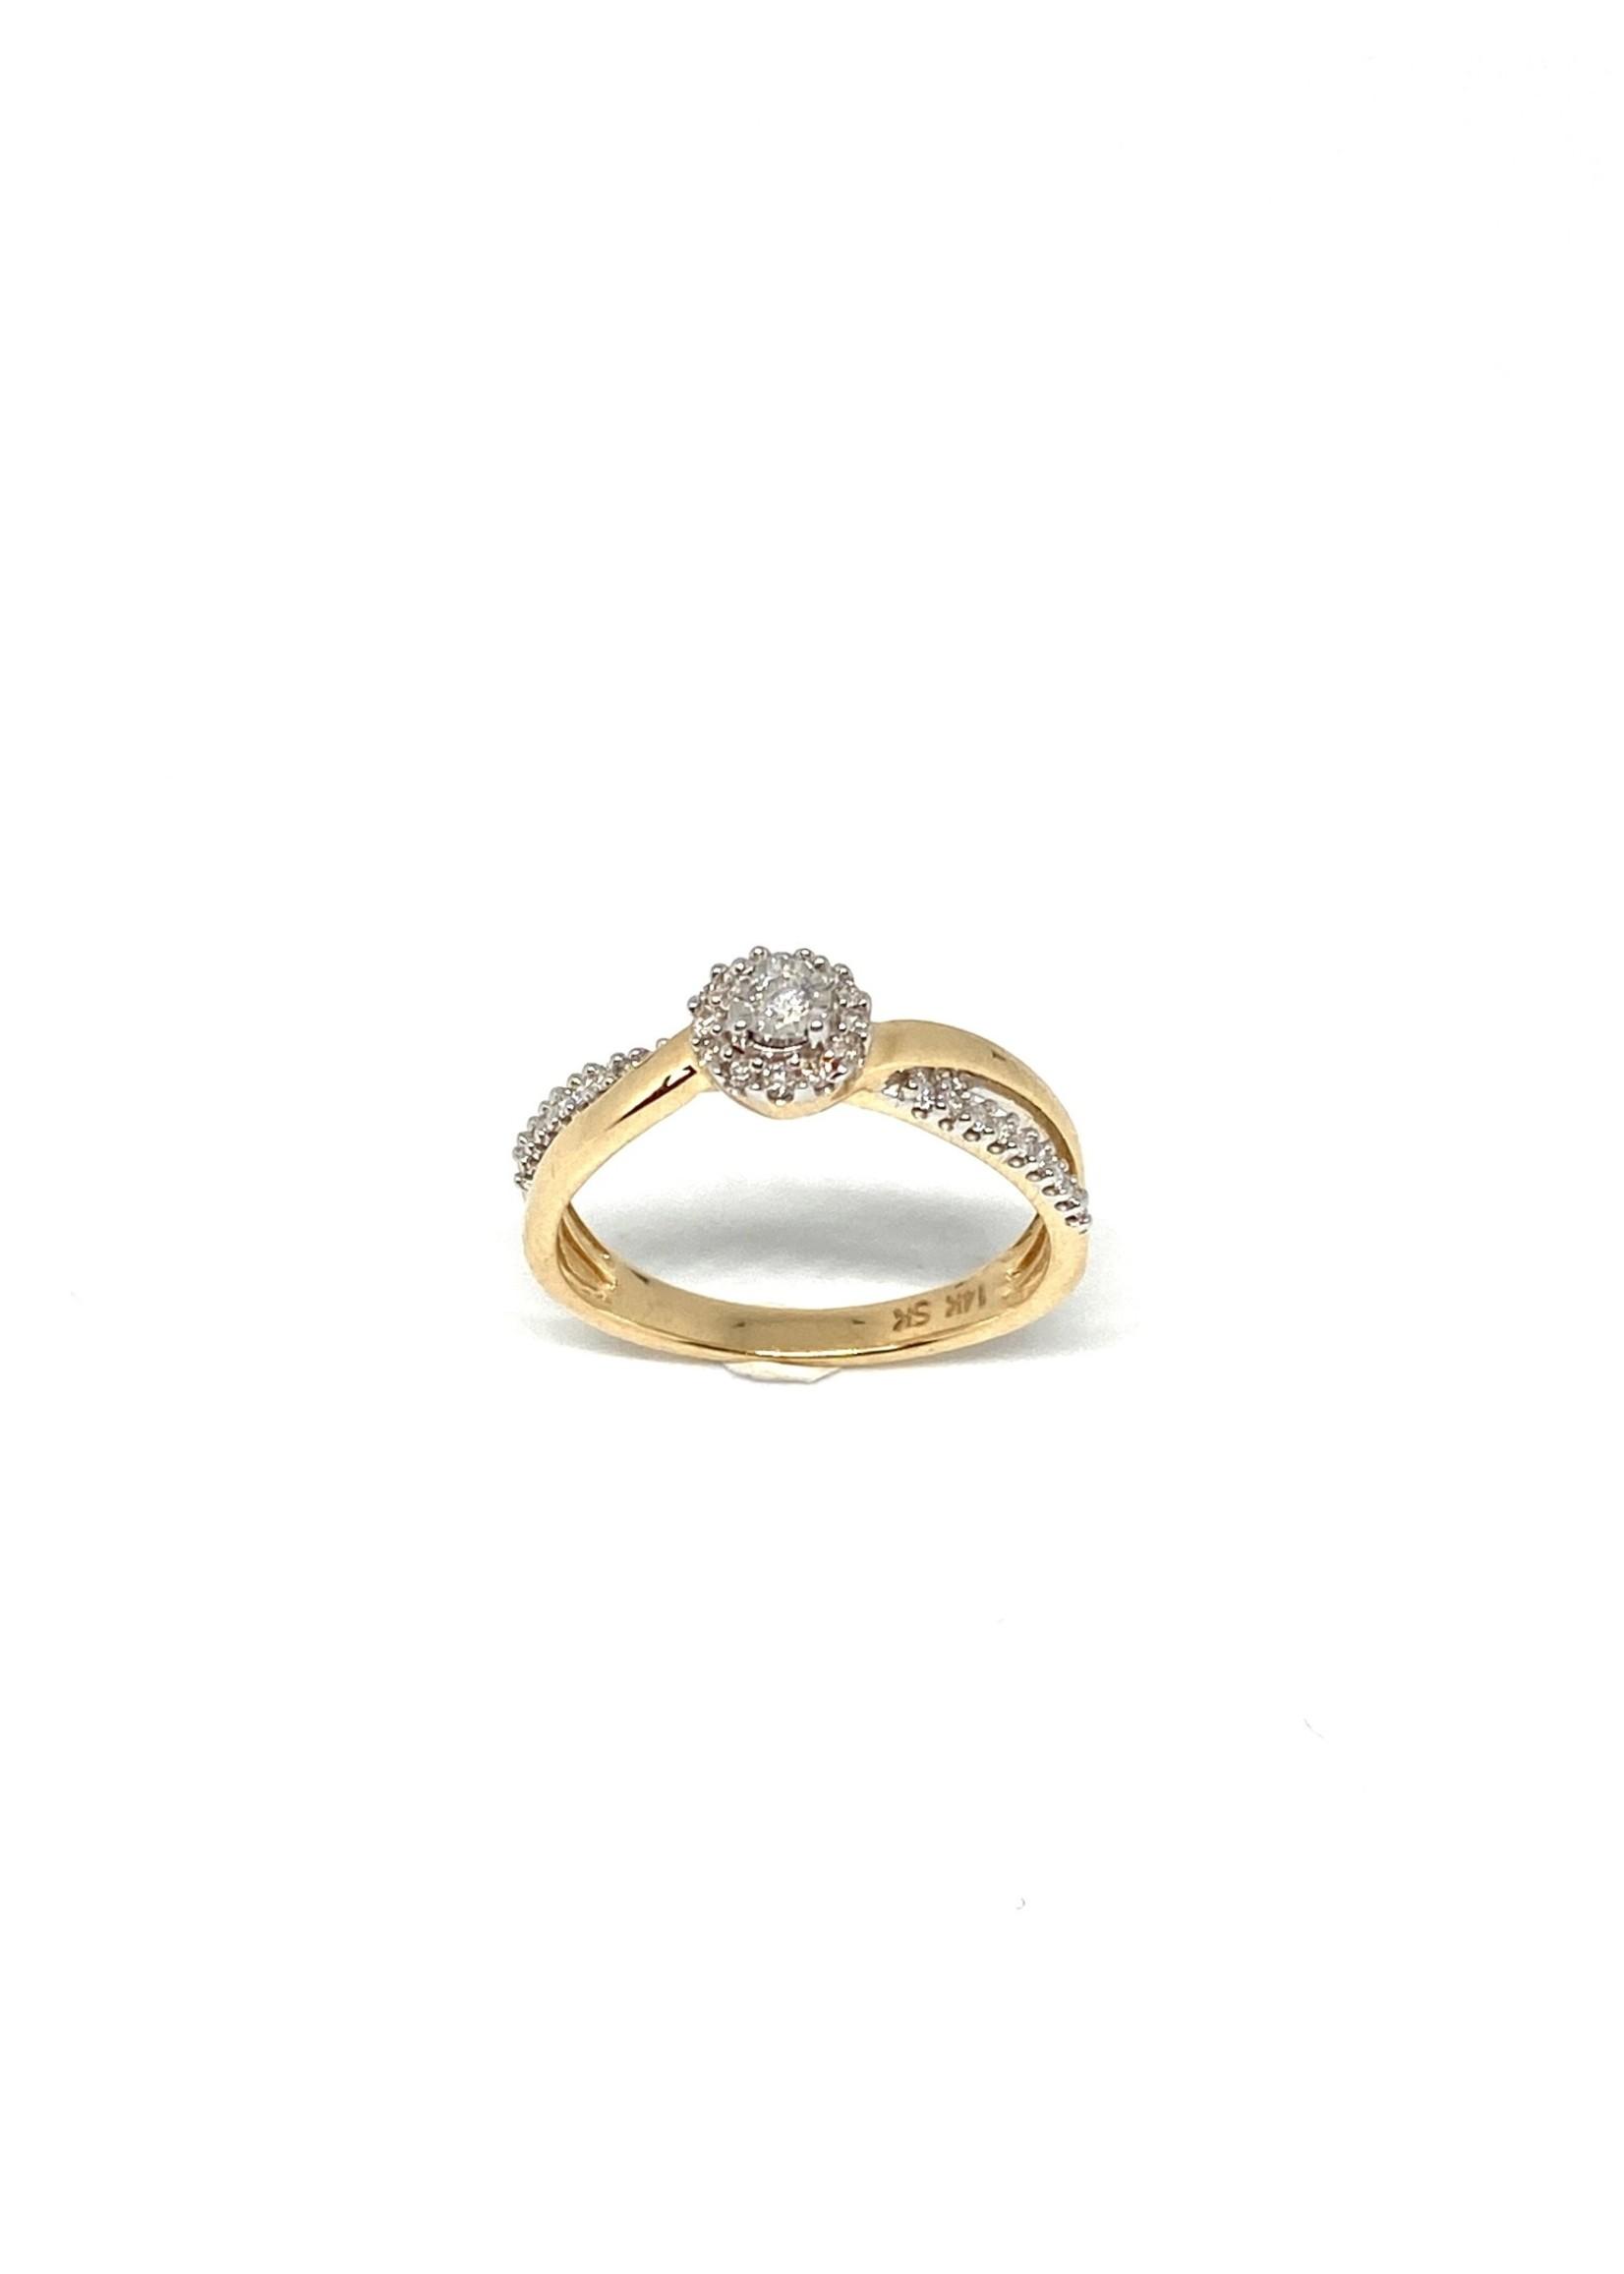 PARÉ Bague de fiançailles Solitaire torsadé Or 14k avec Diamants